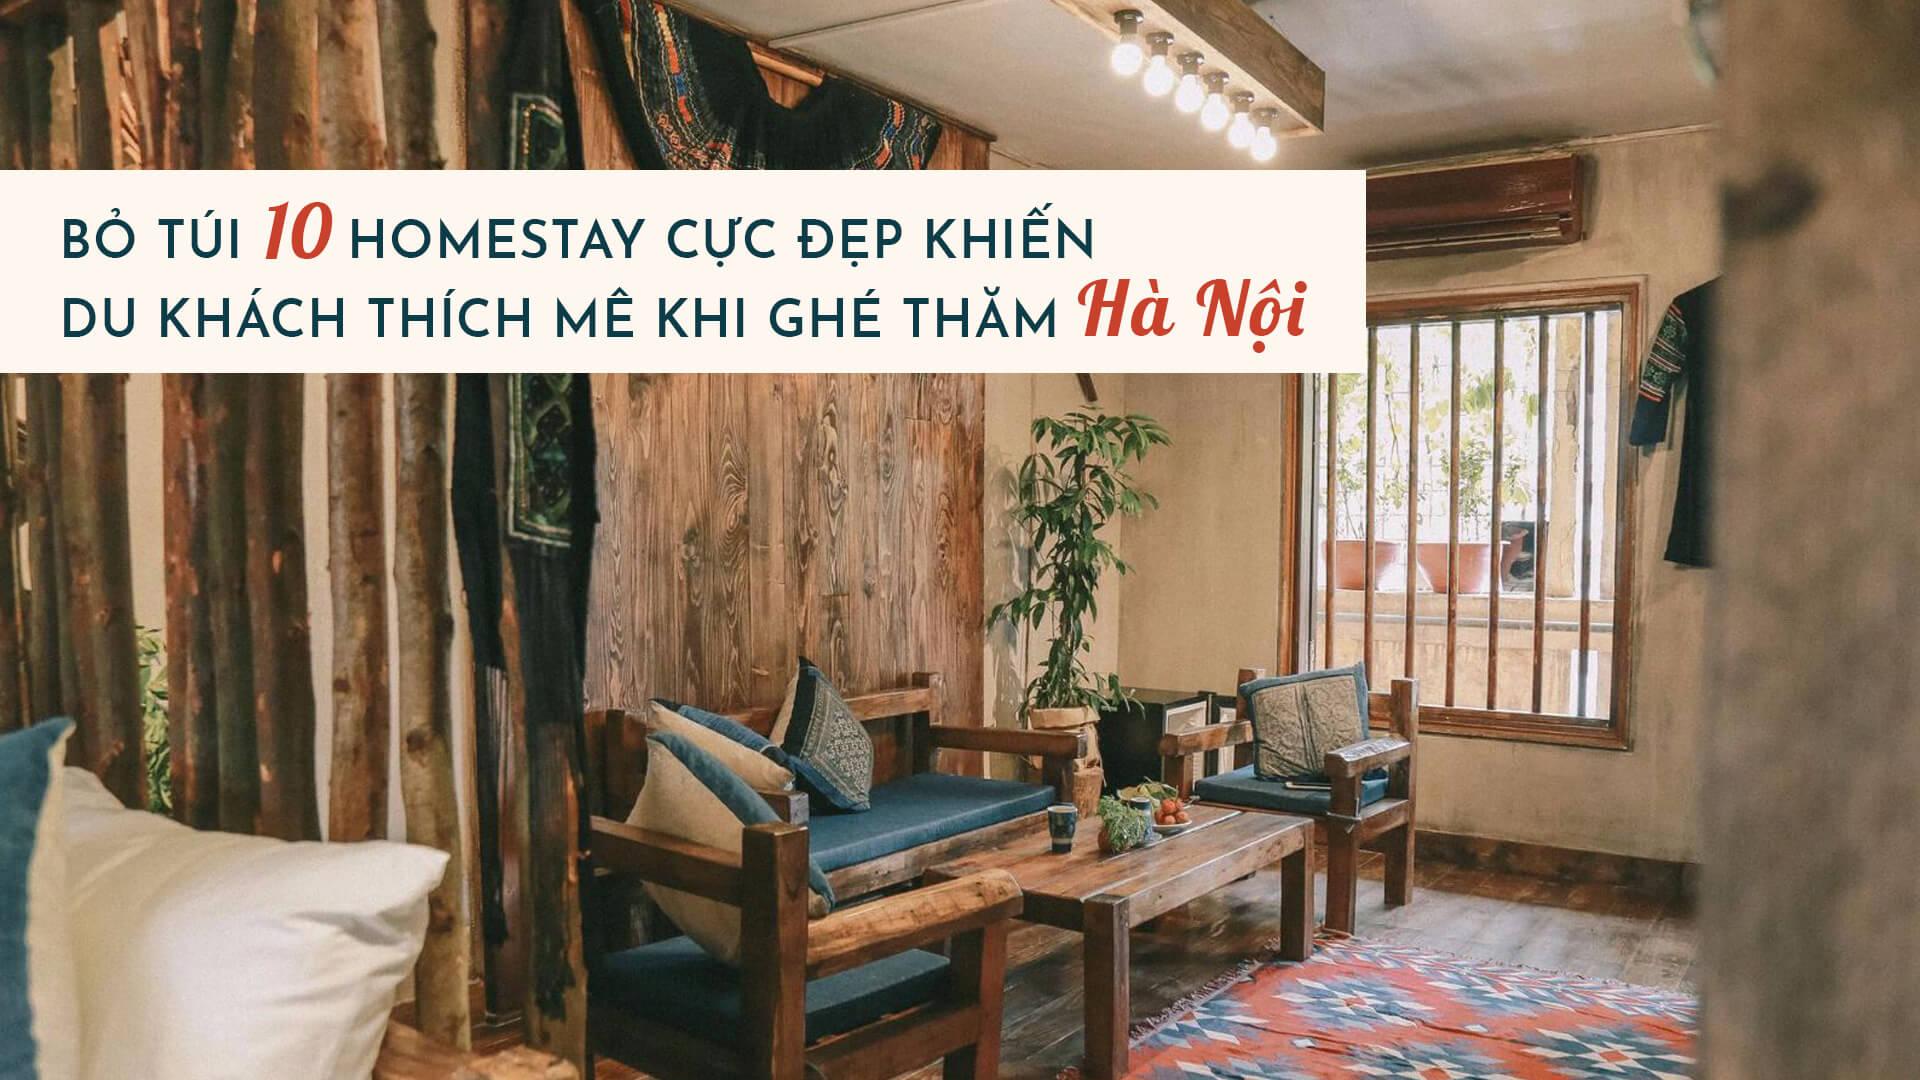 Bỏ túi 10 homestay cực đẹp khiến du khách thích mê khi ghé thăm Hà Nội